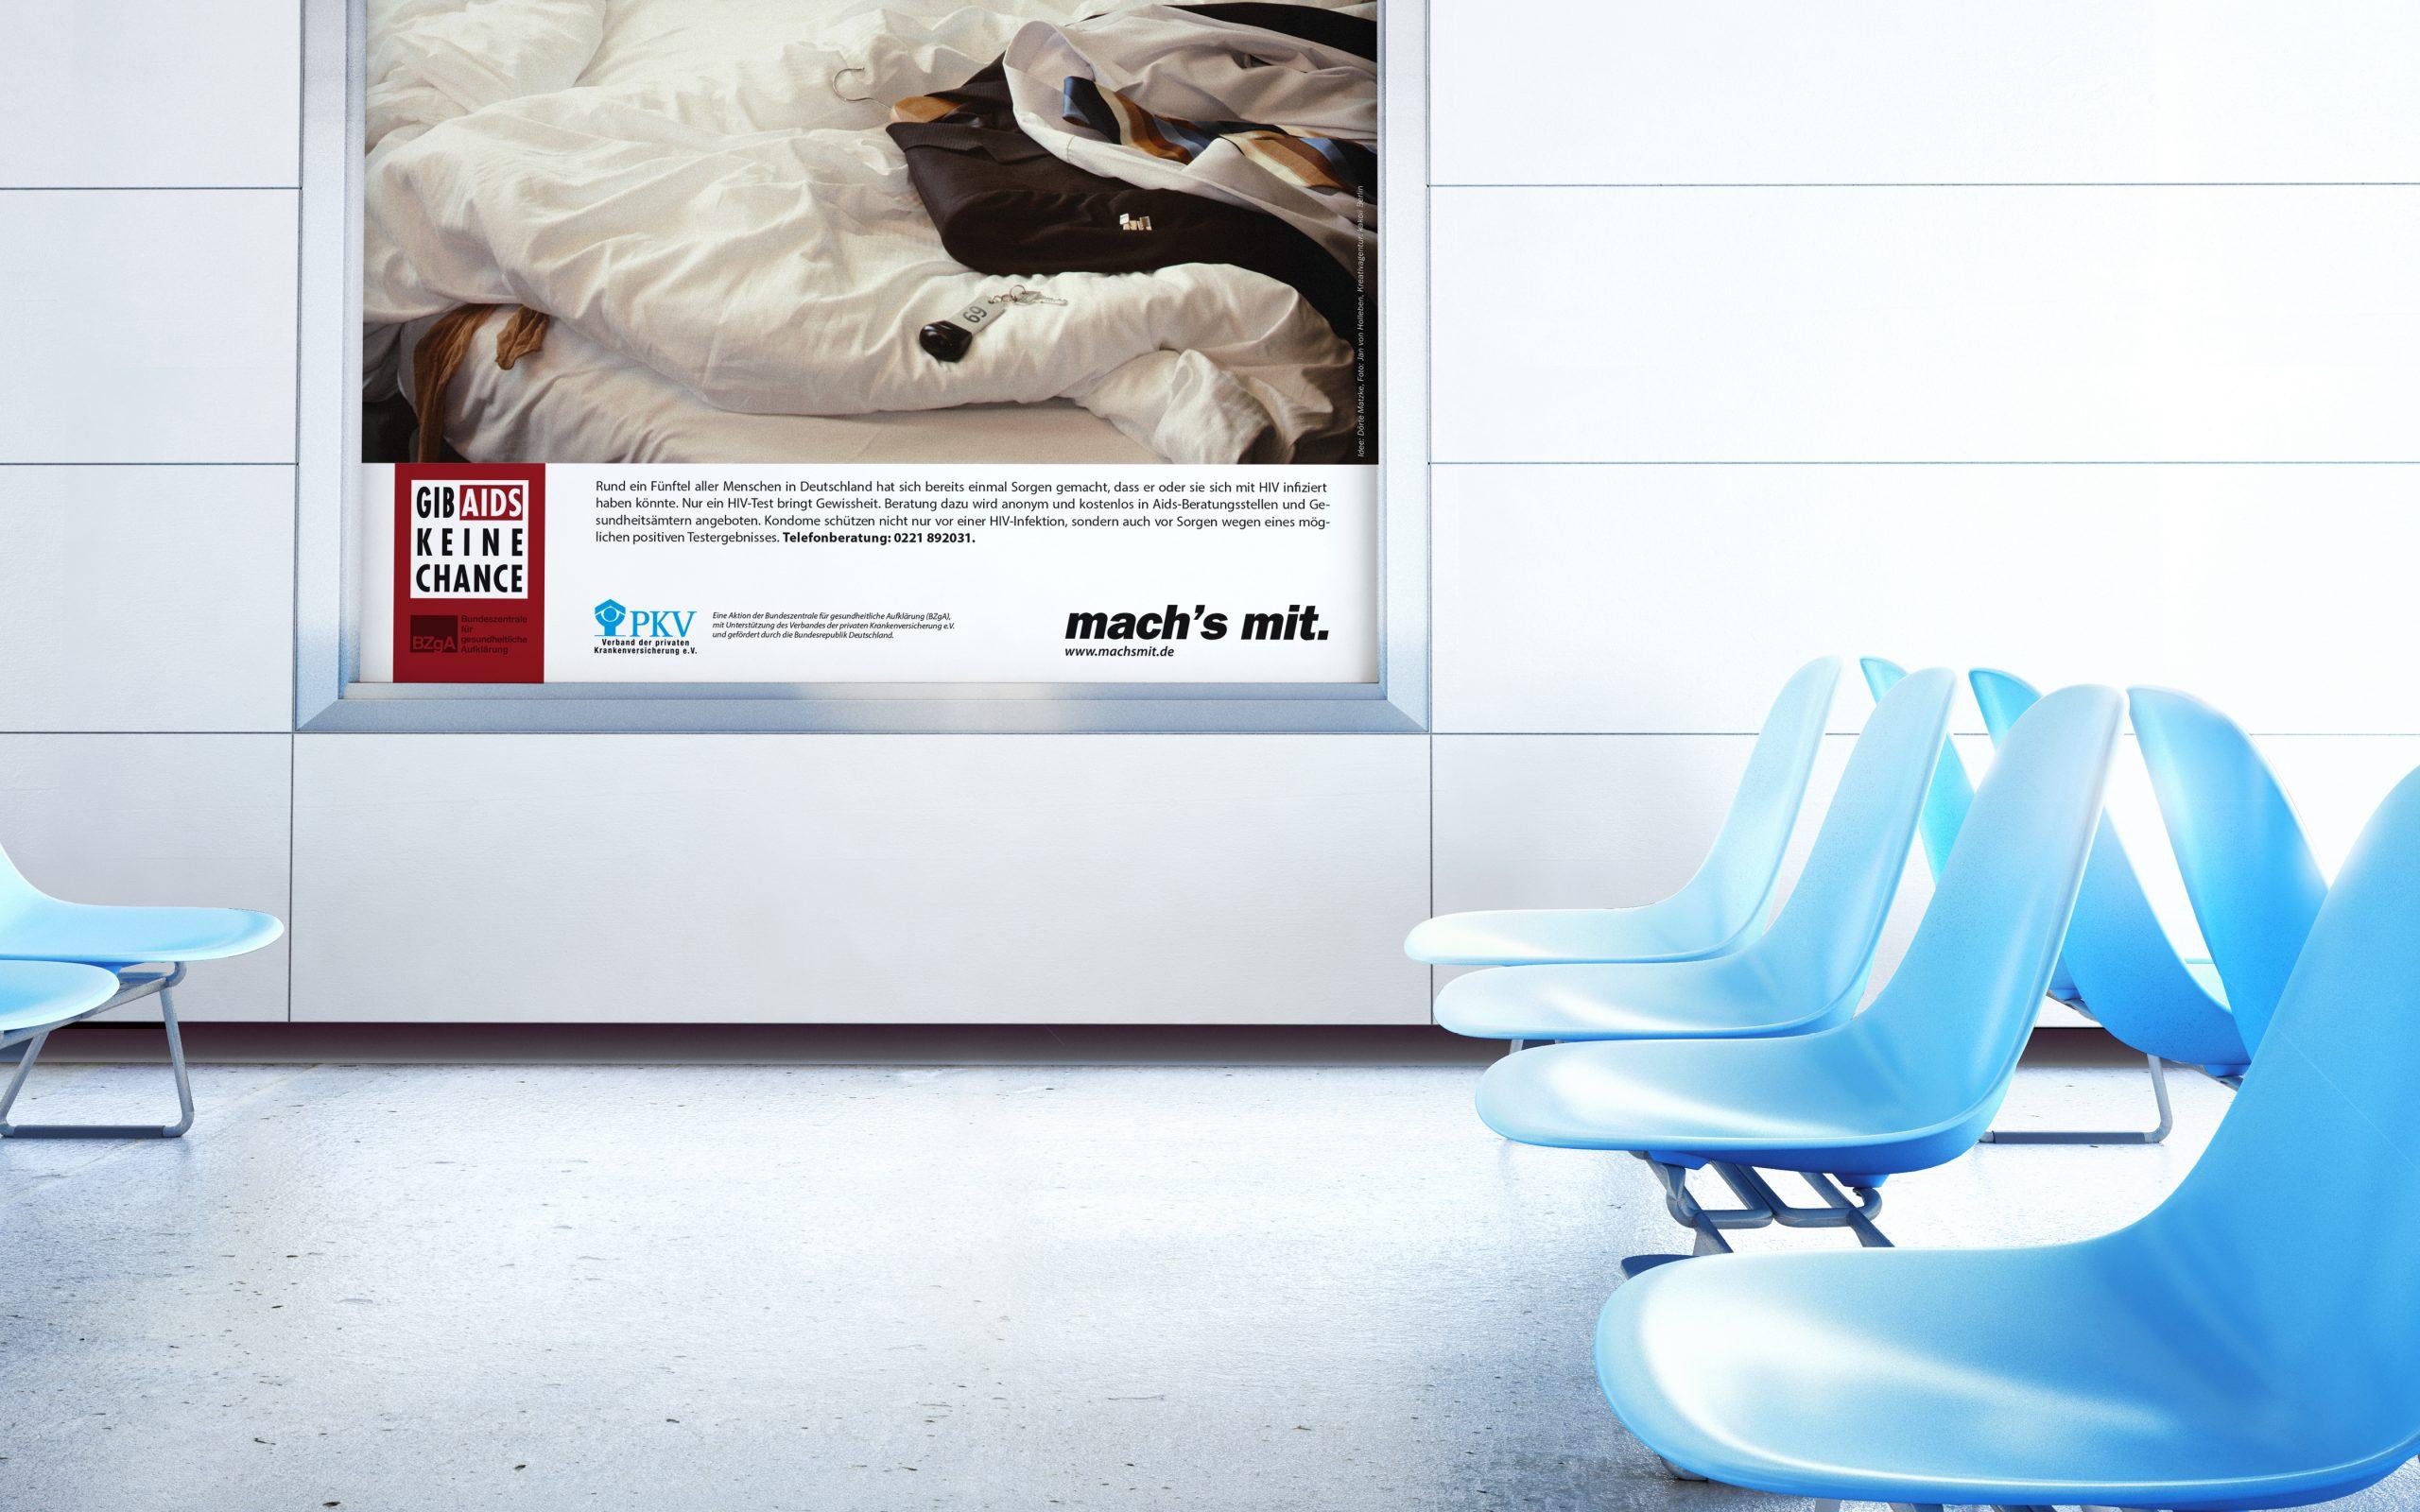 Gib Aids keine Chance: Marken-Relaunch von Bosbach, Key Visual mit Kampagnenmotiv